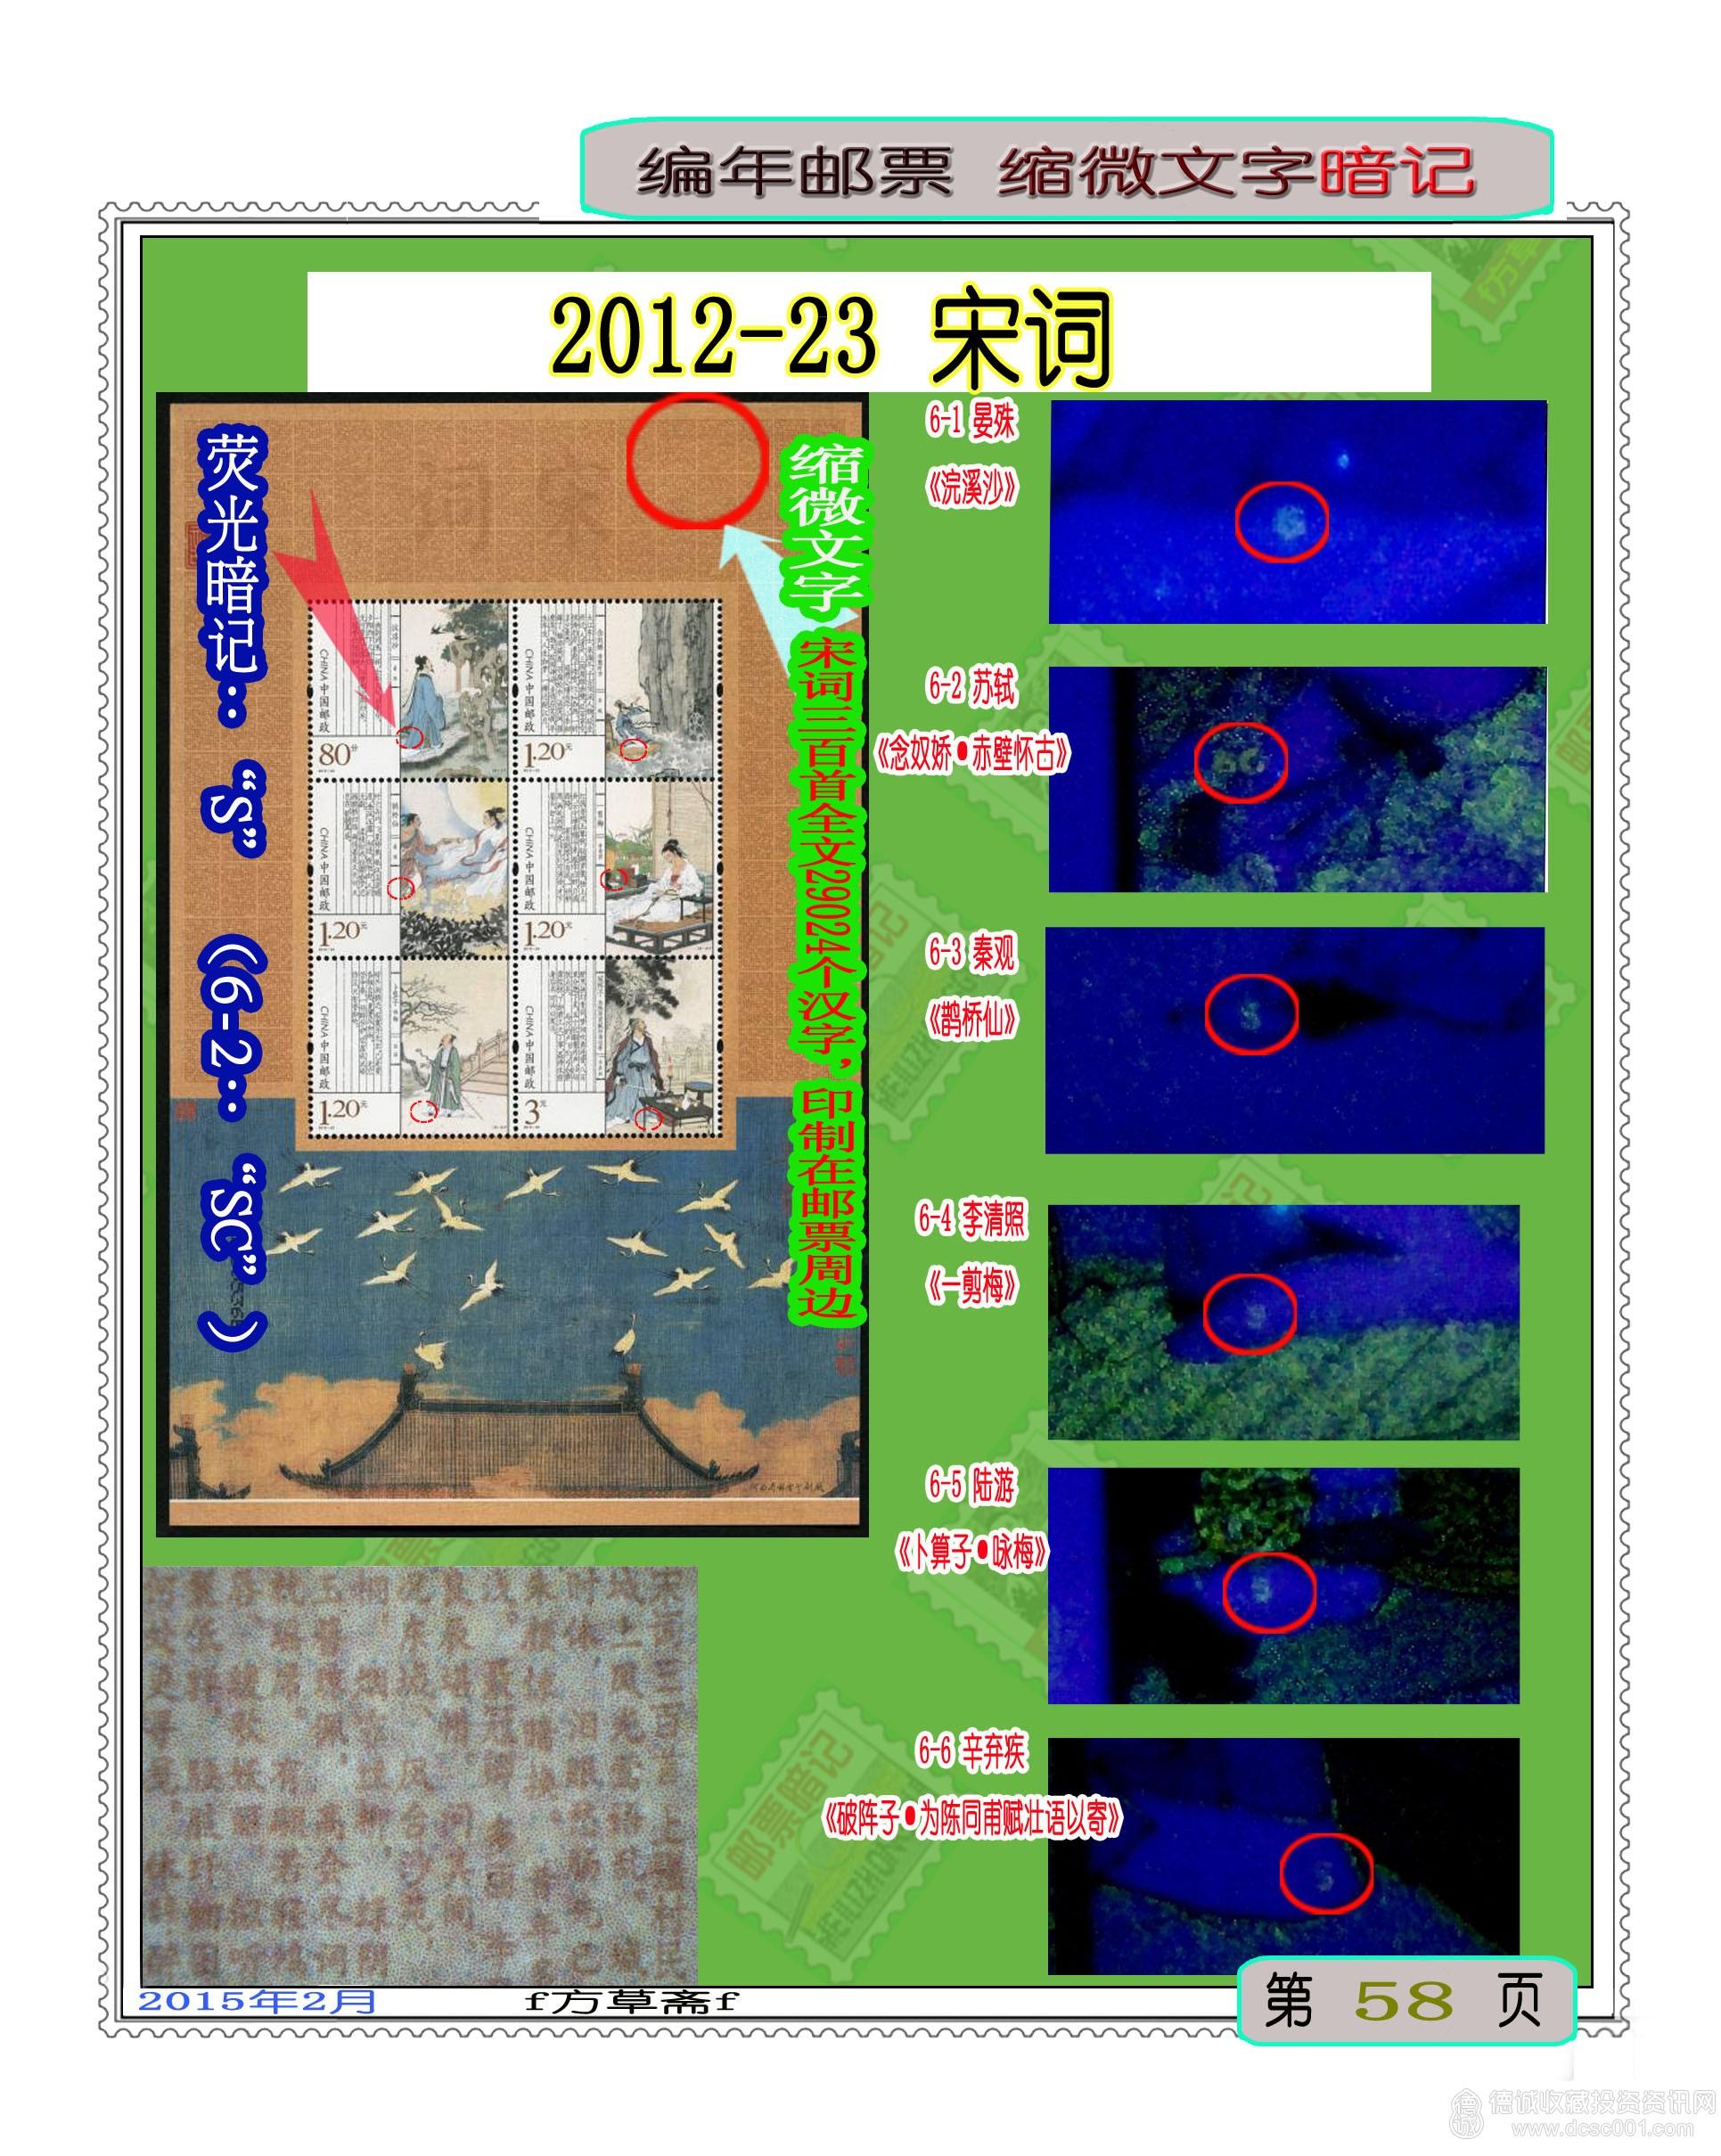 2012-23宋词.jpg